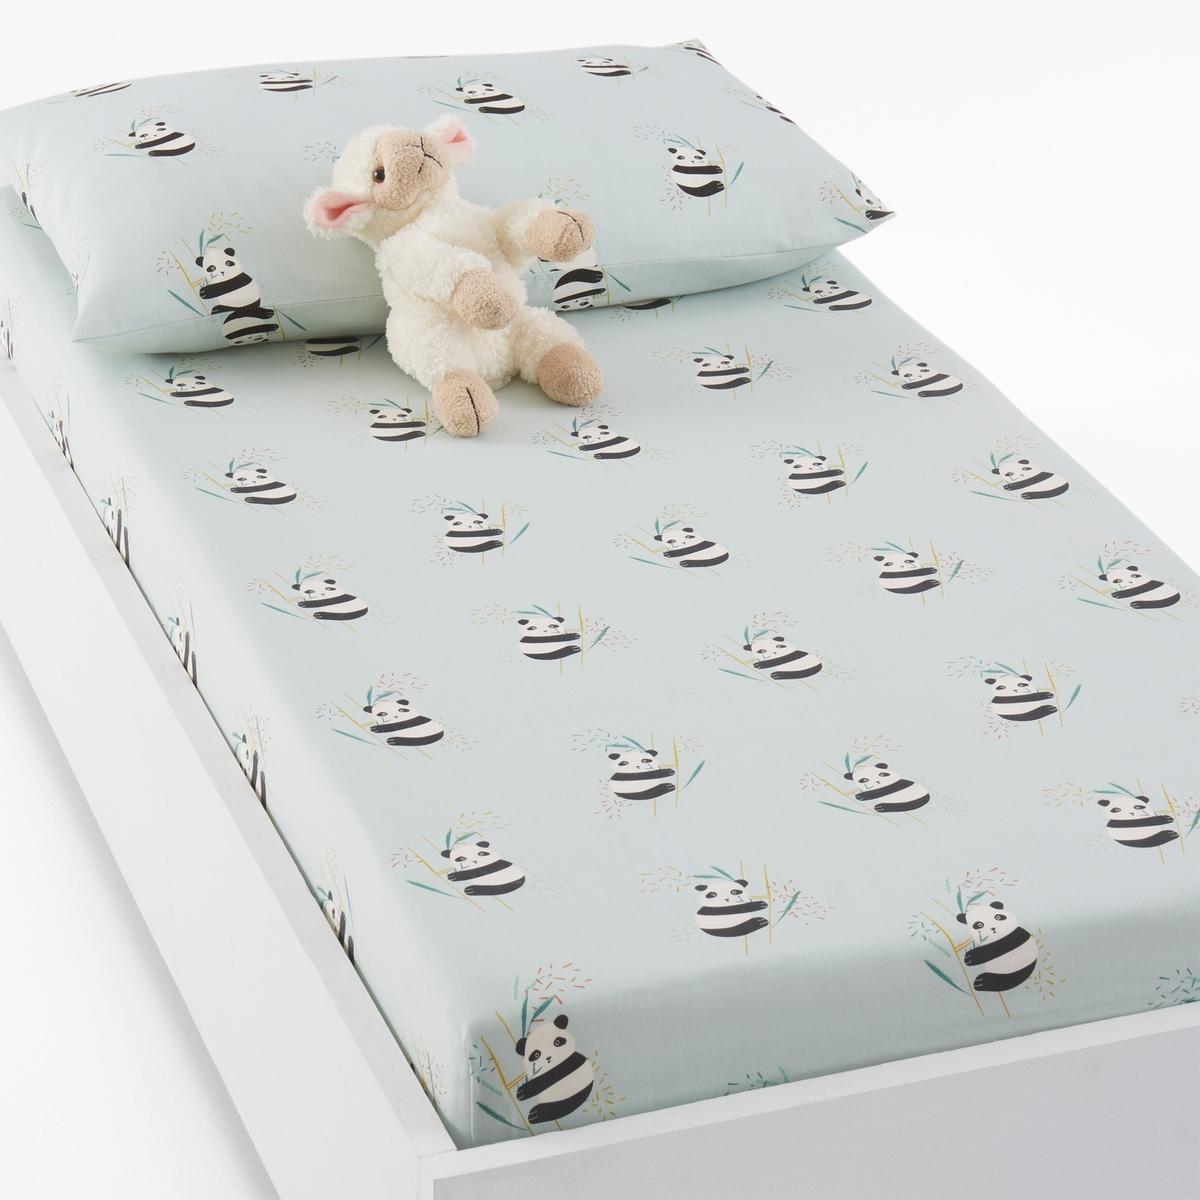 Простыня натяжная для детской кроватки с рисунком панды VICTORХарактеристики натяжной простыни для детской кроватки с рисунком панды Victor :100% хлопка, 57 нитей/см2Чем больше нитей/см2, тем выше качество ткани.Сплошной рисунок пандыМашинная стирка при 60 °СРазмеры натяжной простыни для детской кроватки с рисунком панды Victor  :60 x 120 см и 70 x 140 смПроизводство осуществляется с учетом стандартов по защите окружающей среды и здоровья человека, что подтверждено сертификатом Oeko-tex®.<br><br>Цвет: рисунок/зеленый<br>Размер: 70 x 140  см